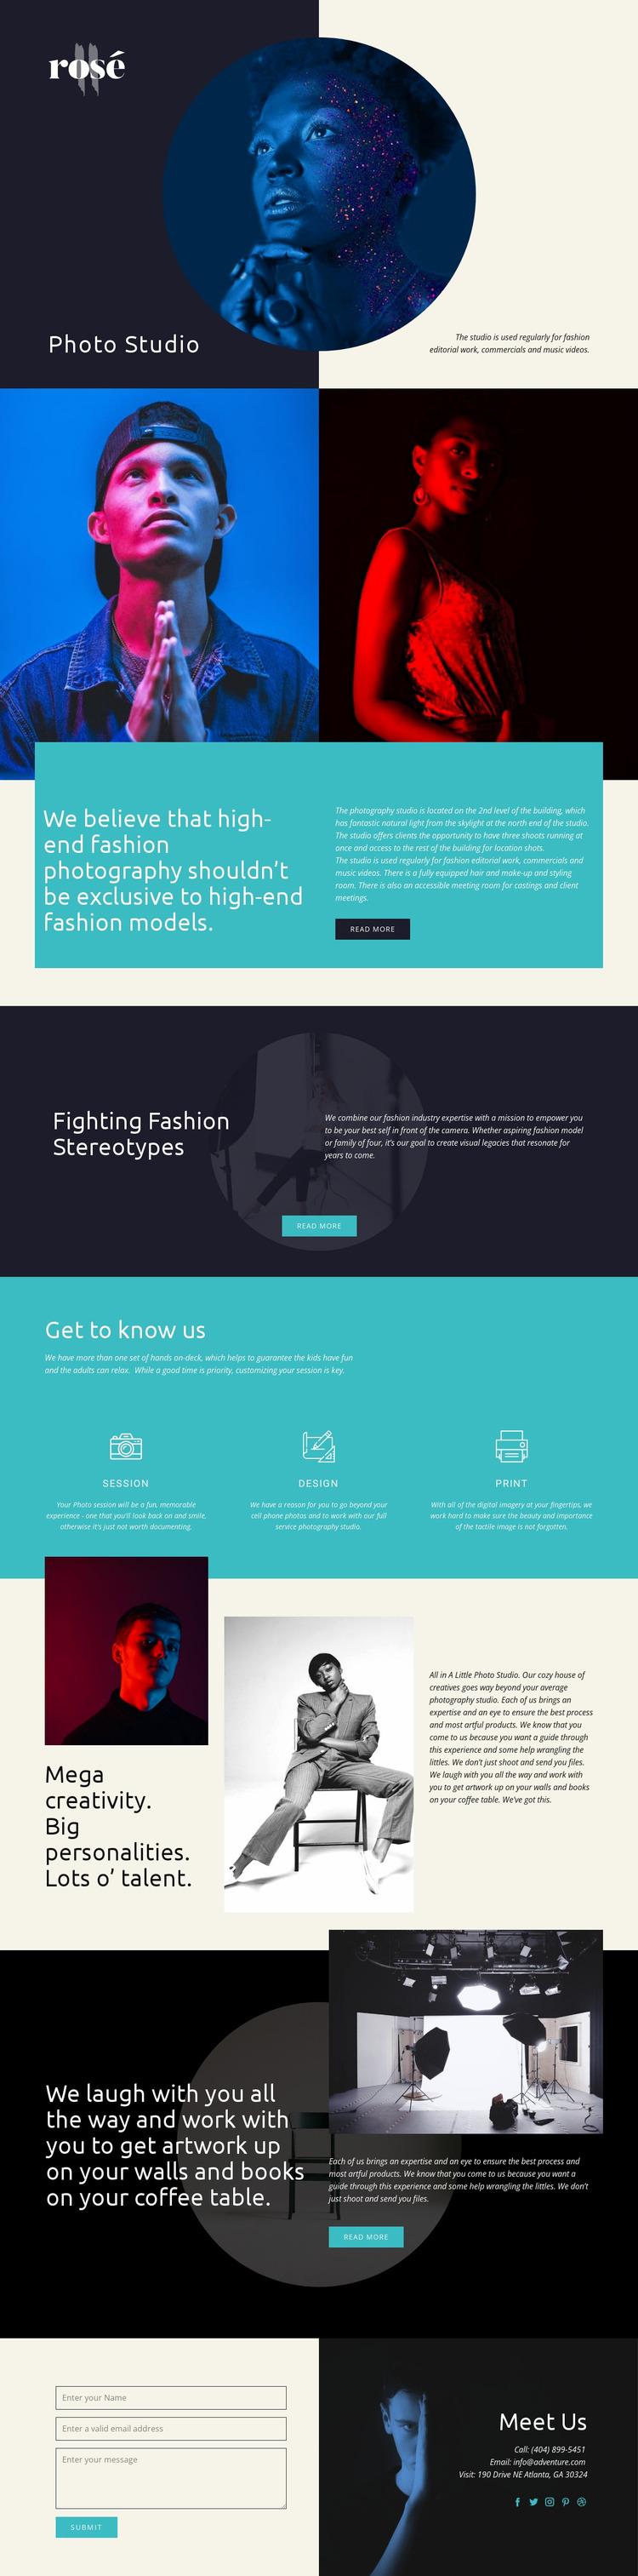 Rose Website Mockup